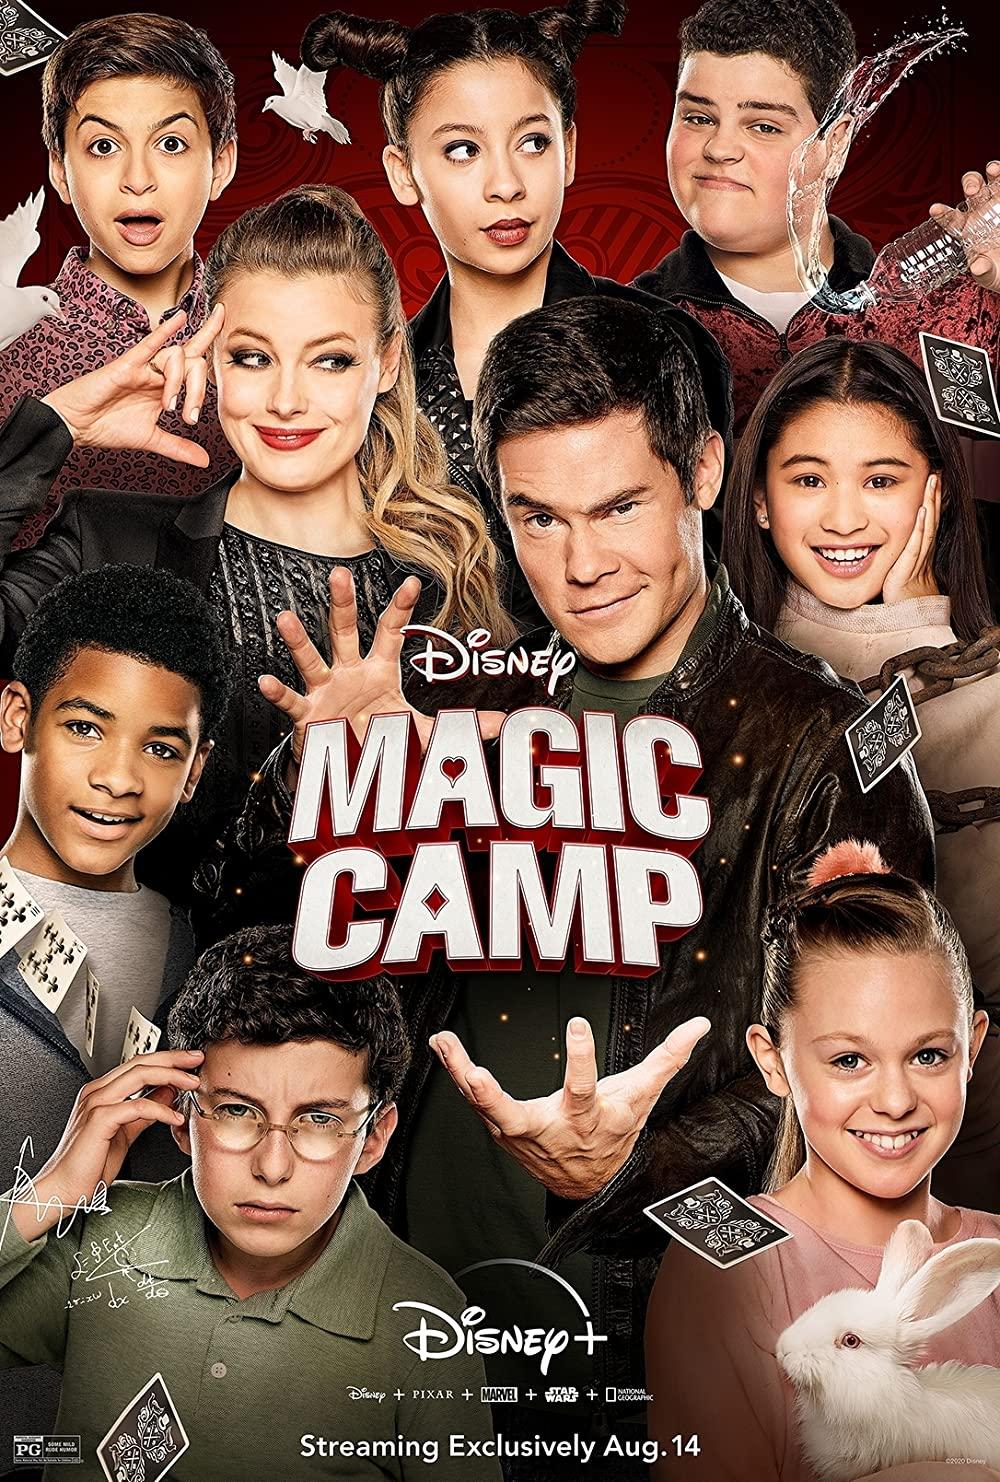 Magic Camp poster